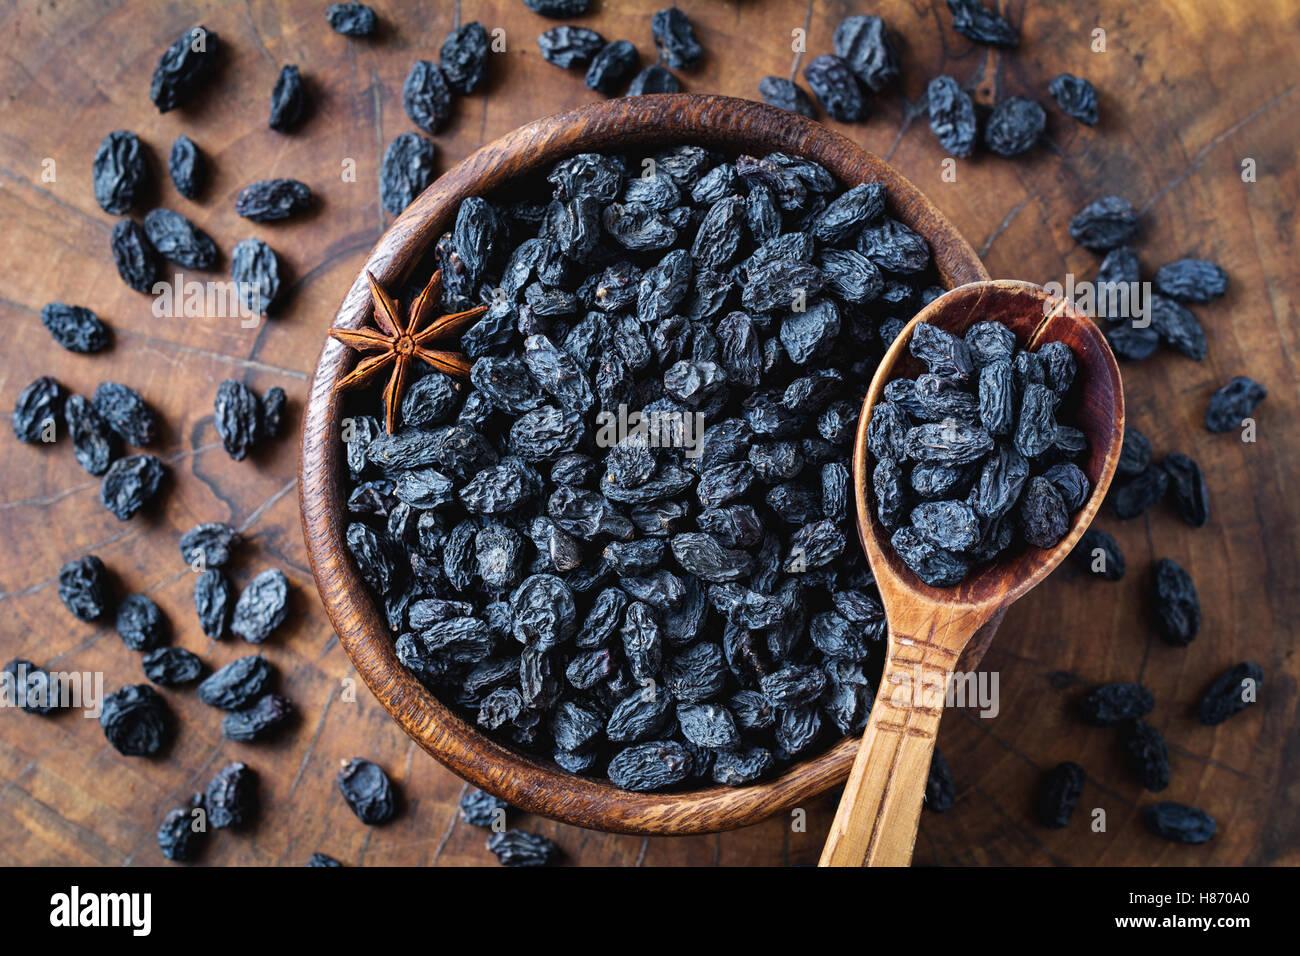 Schwarze Rosinen in Holzschale, Ansicht von oben. Gesunder Snack, diätetisches Lebensmittel für gutes Stockbild